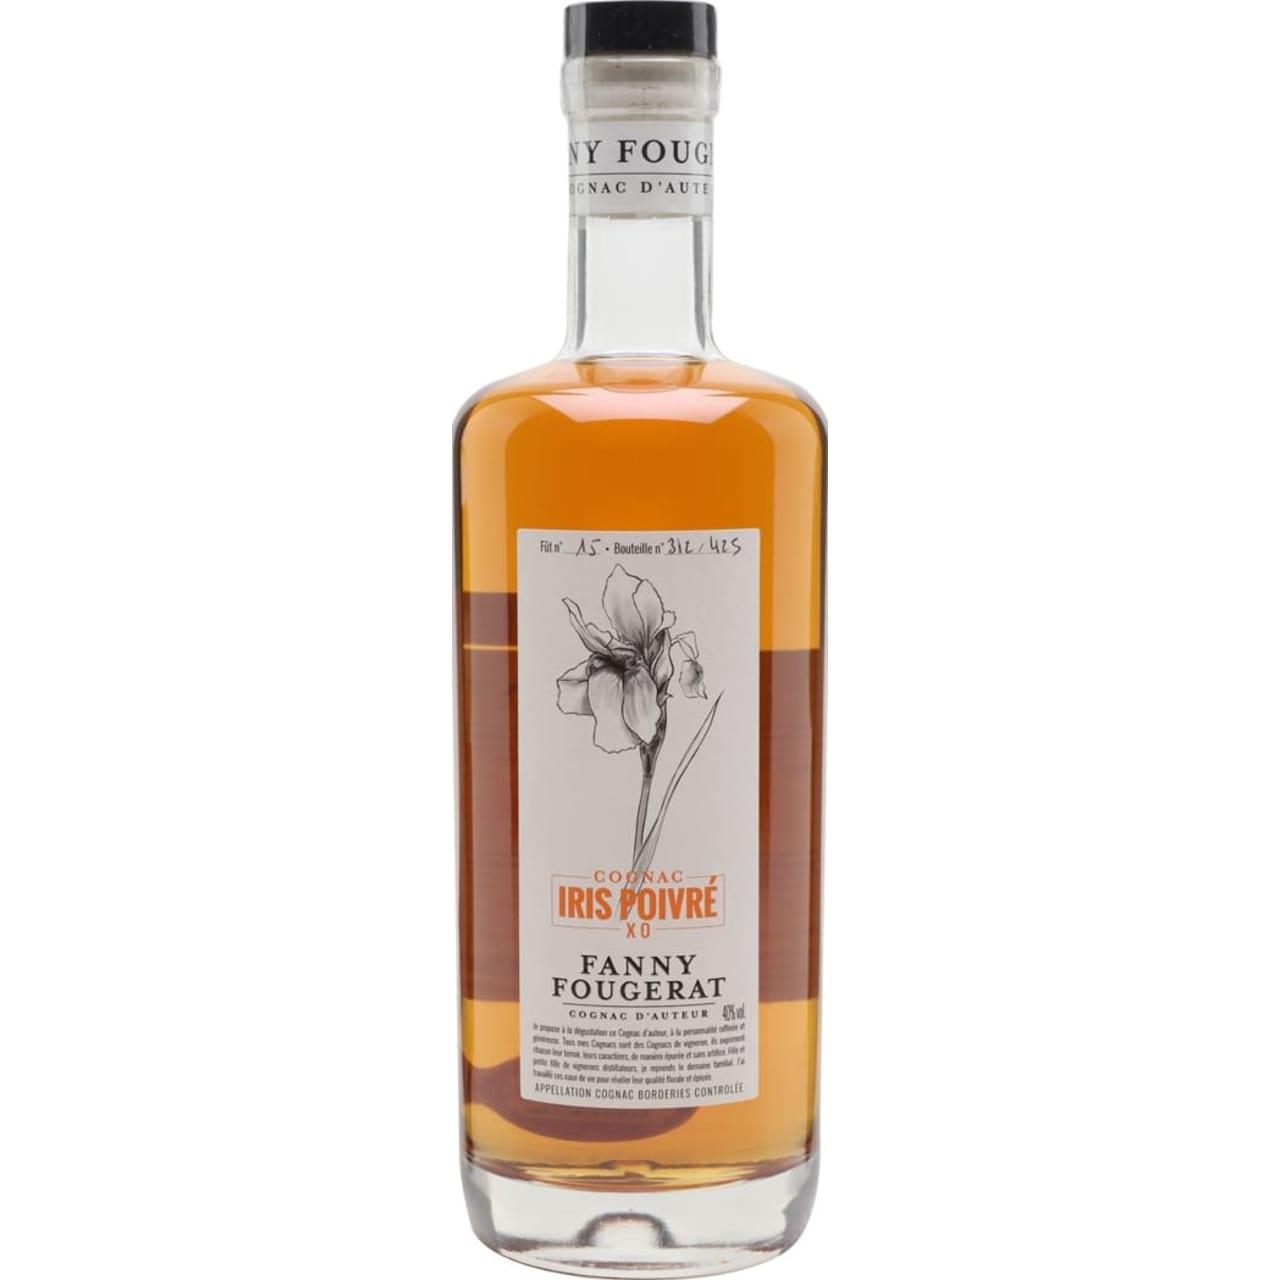 Product Image - Fanny Fougerat Iris Poivre XO Cognac